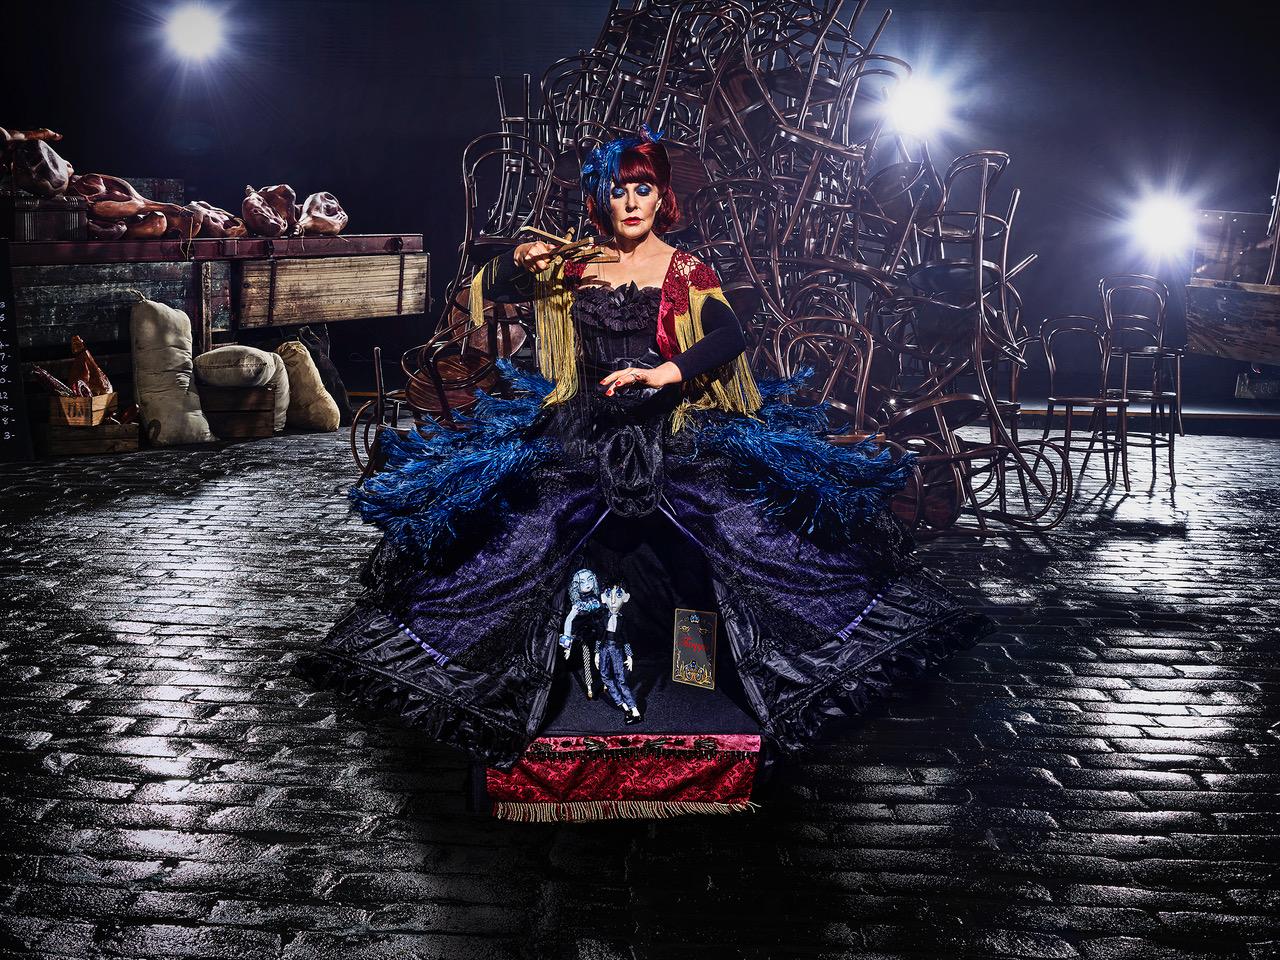 La reina de los títeres The Puppet Queen